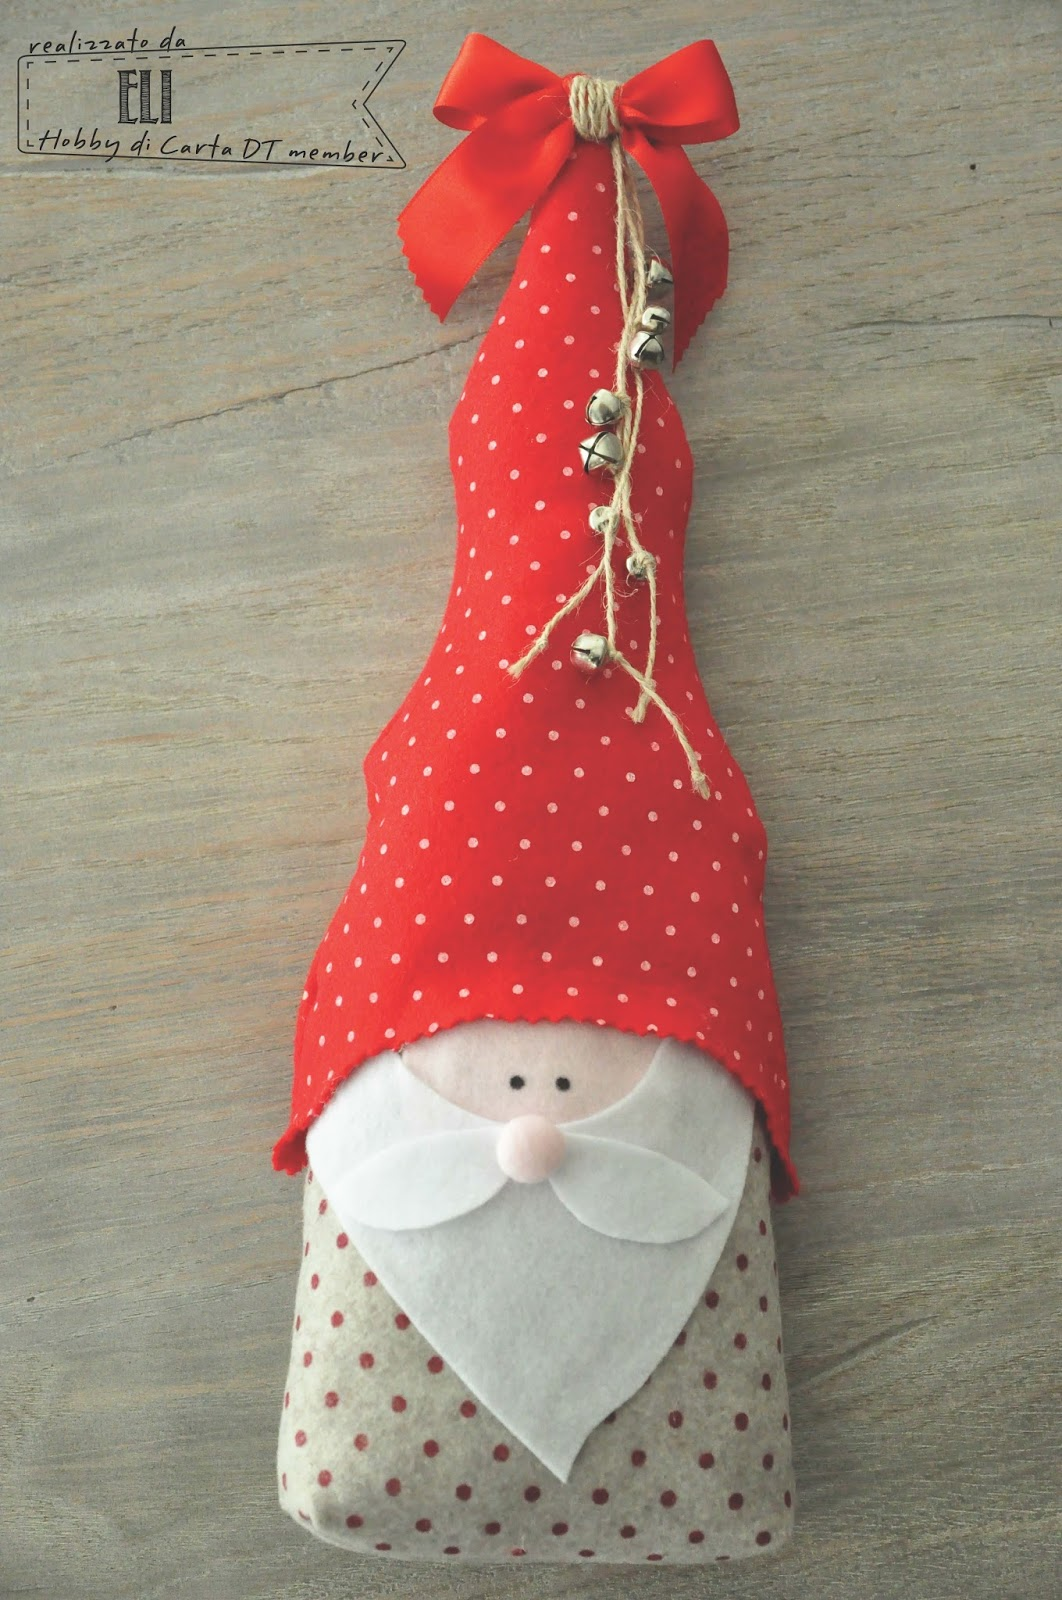 ... del cartamodello potete utilizzarlo come fermaporta...o se lo volete  rimpicciolire diventerà un allegra decorazione per il vostro albero di  Natale! 018a2115200a